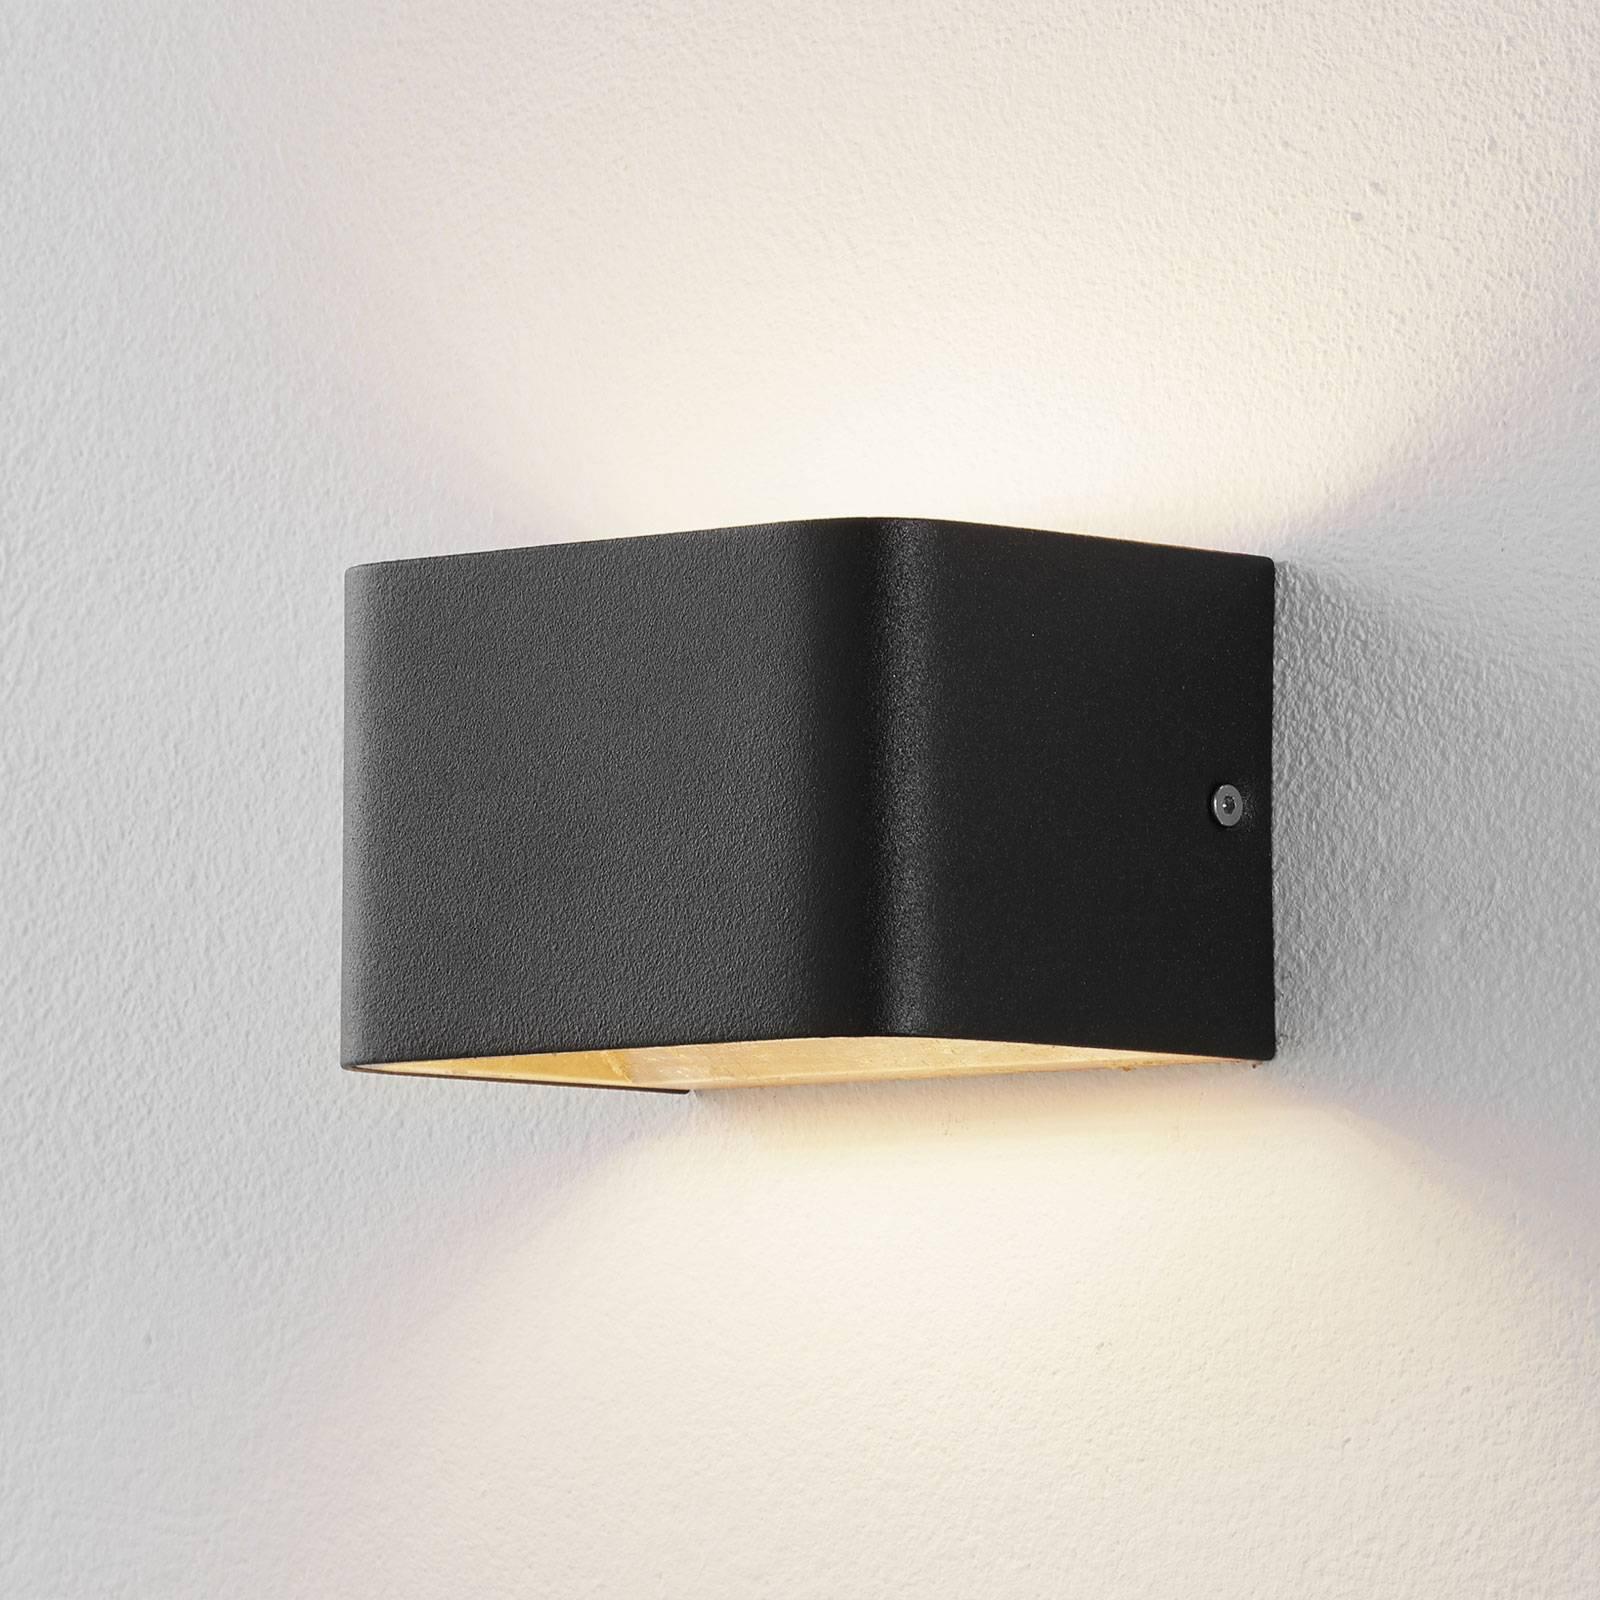 Lucande Sessa LED-vegglampe 13 cm svart-gull